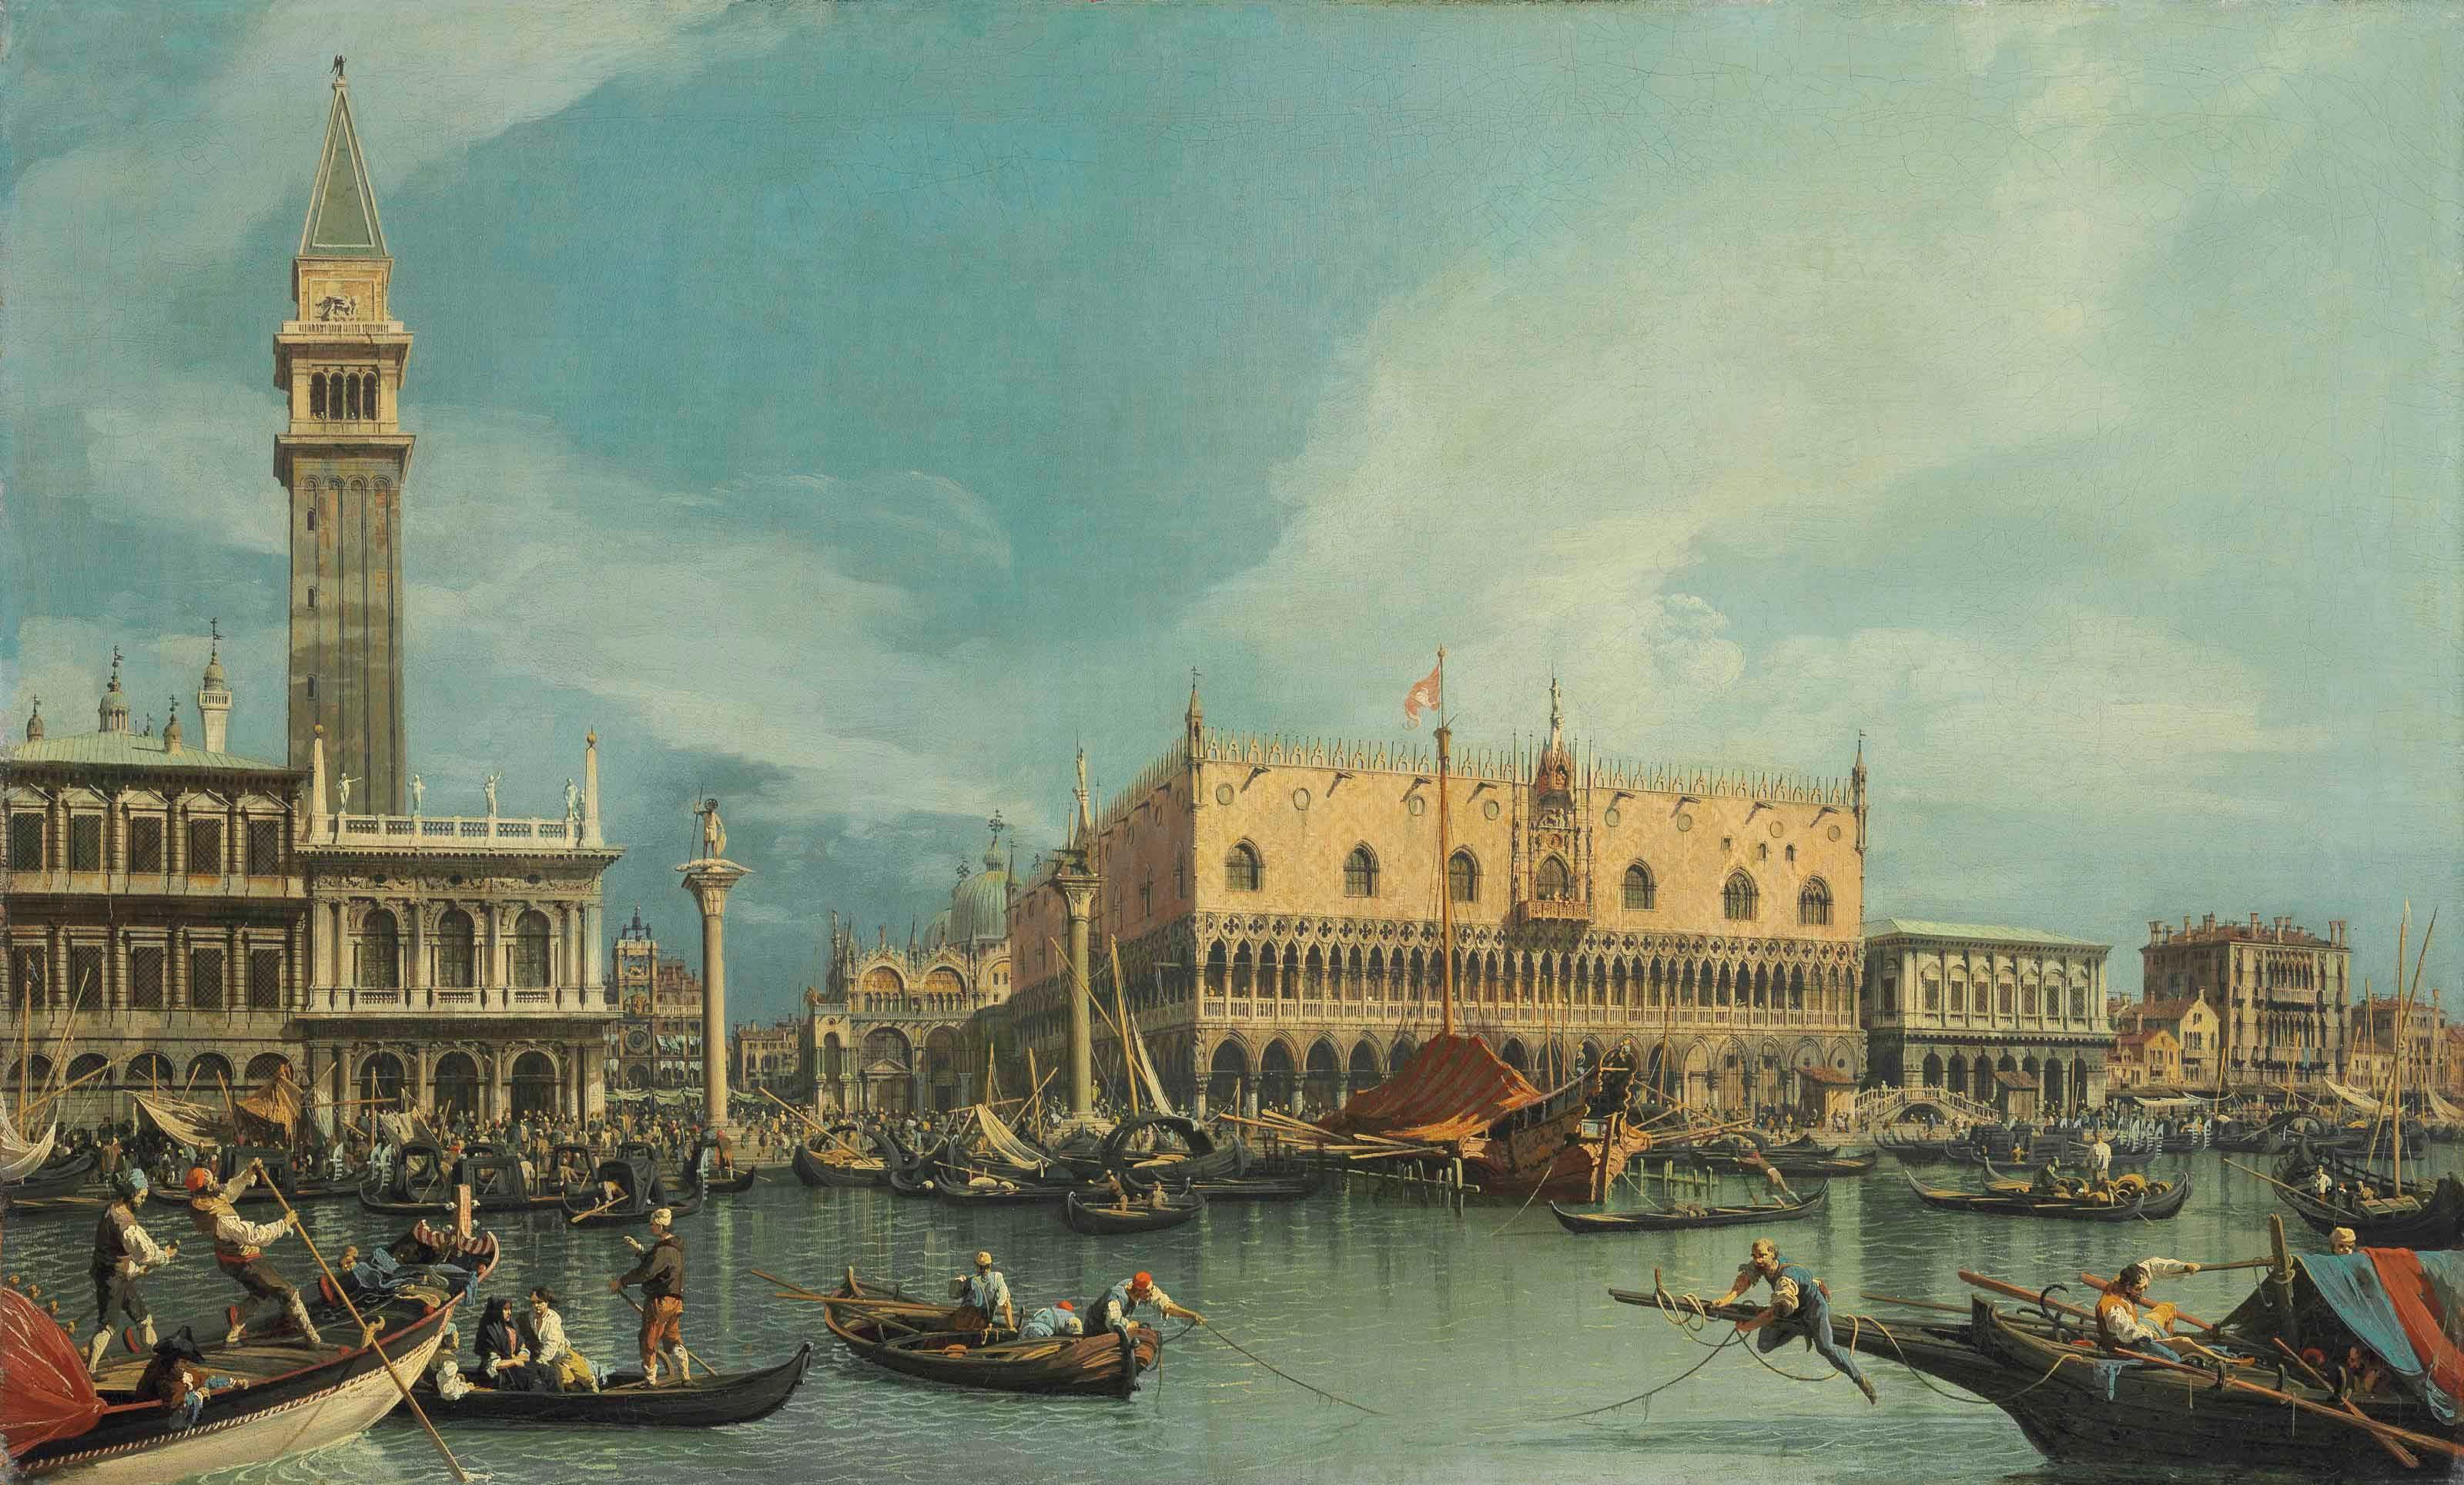 乔凡尼·安东尼奥·康纳尔,又名卡纳莱托,《威尼斯莫洛圣马可角港口》,68.8 x 112.7公分。2013年7月2日在佳士得伦敦以8,461,875英镑成交。